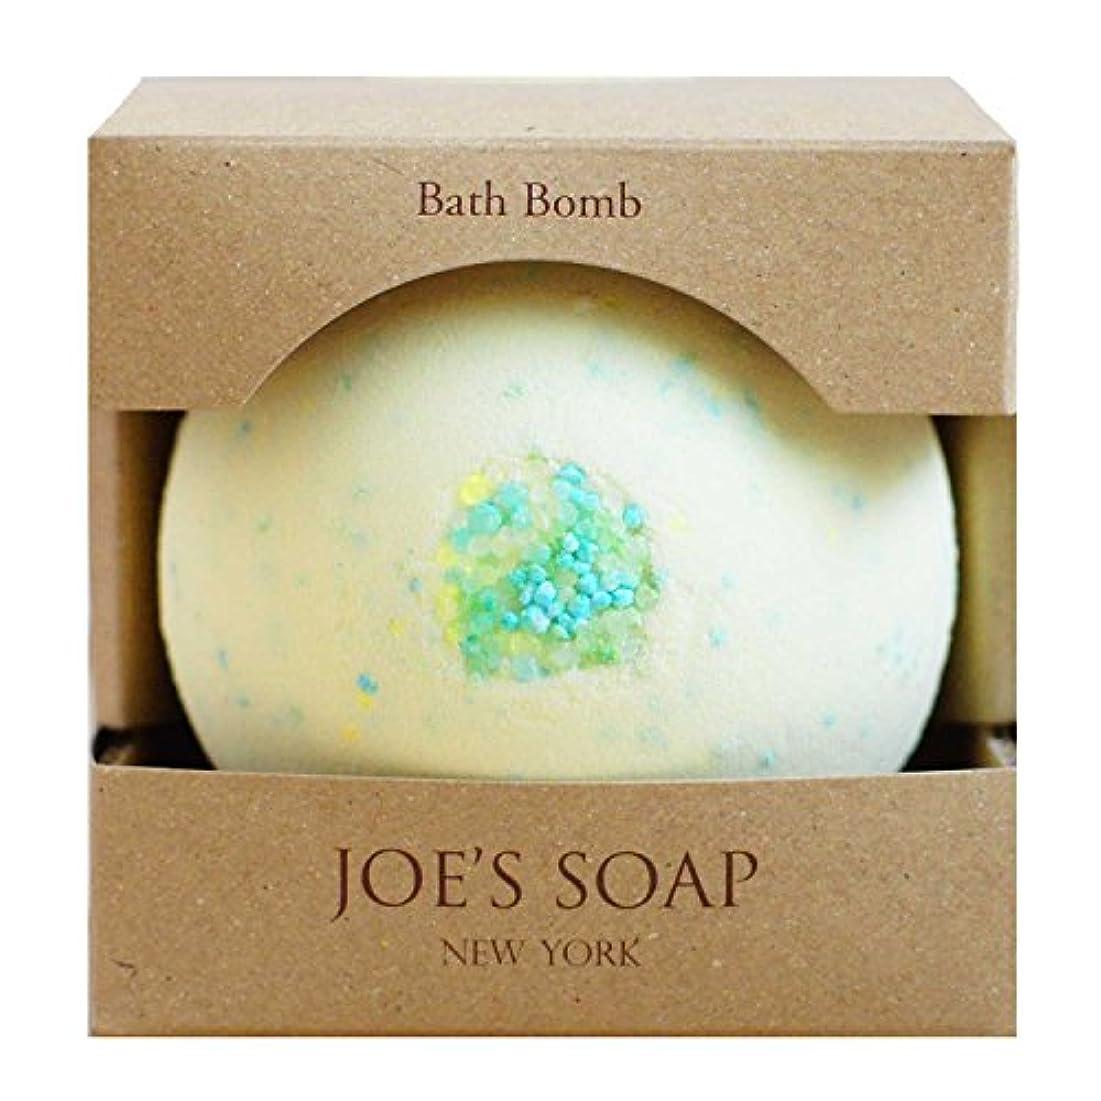 解読するベーコン中央値JOE'S SOAP ( ジョーズソープ ) バスボム(LEMON TEA) バスボール 入浴剤 保湿 ボディケア スキンケア オリーブオイル はちみつ フト プレゼント